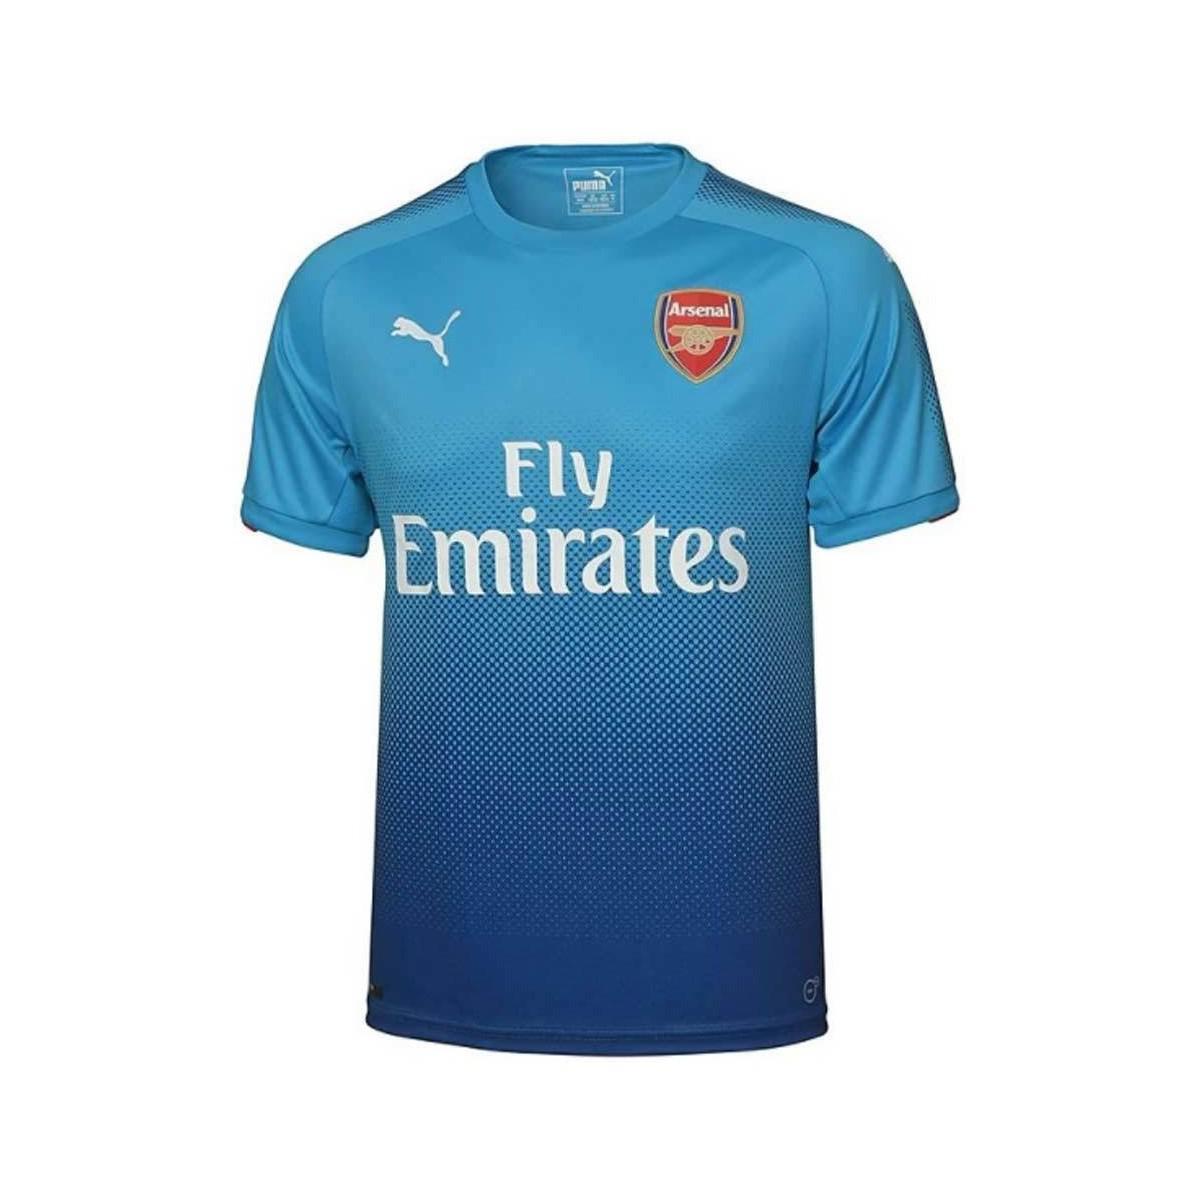 PUMA. 2017-2018 Arsenal Away Shirt (welbeck 23) - Kids Men s T Shirt In  Black 1f5c4f460